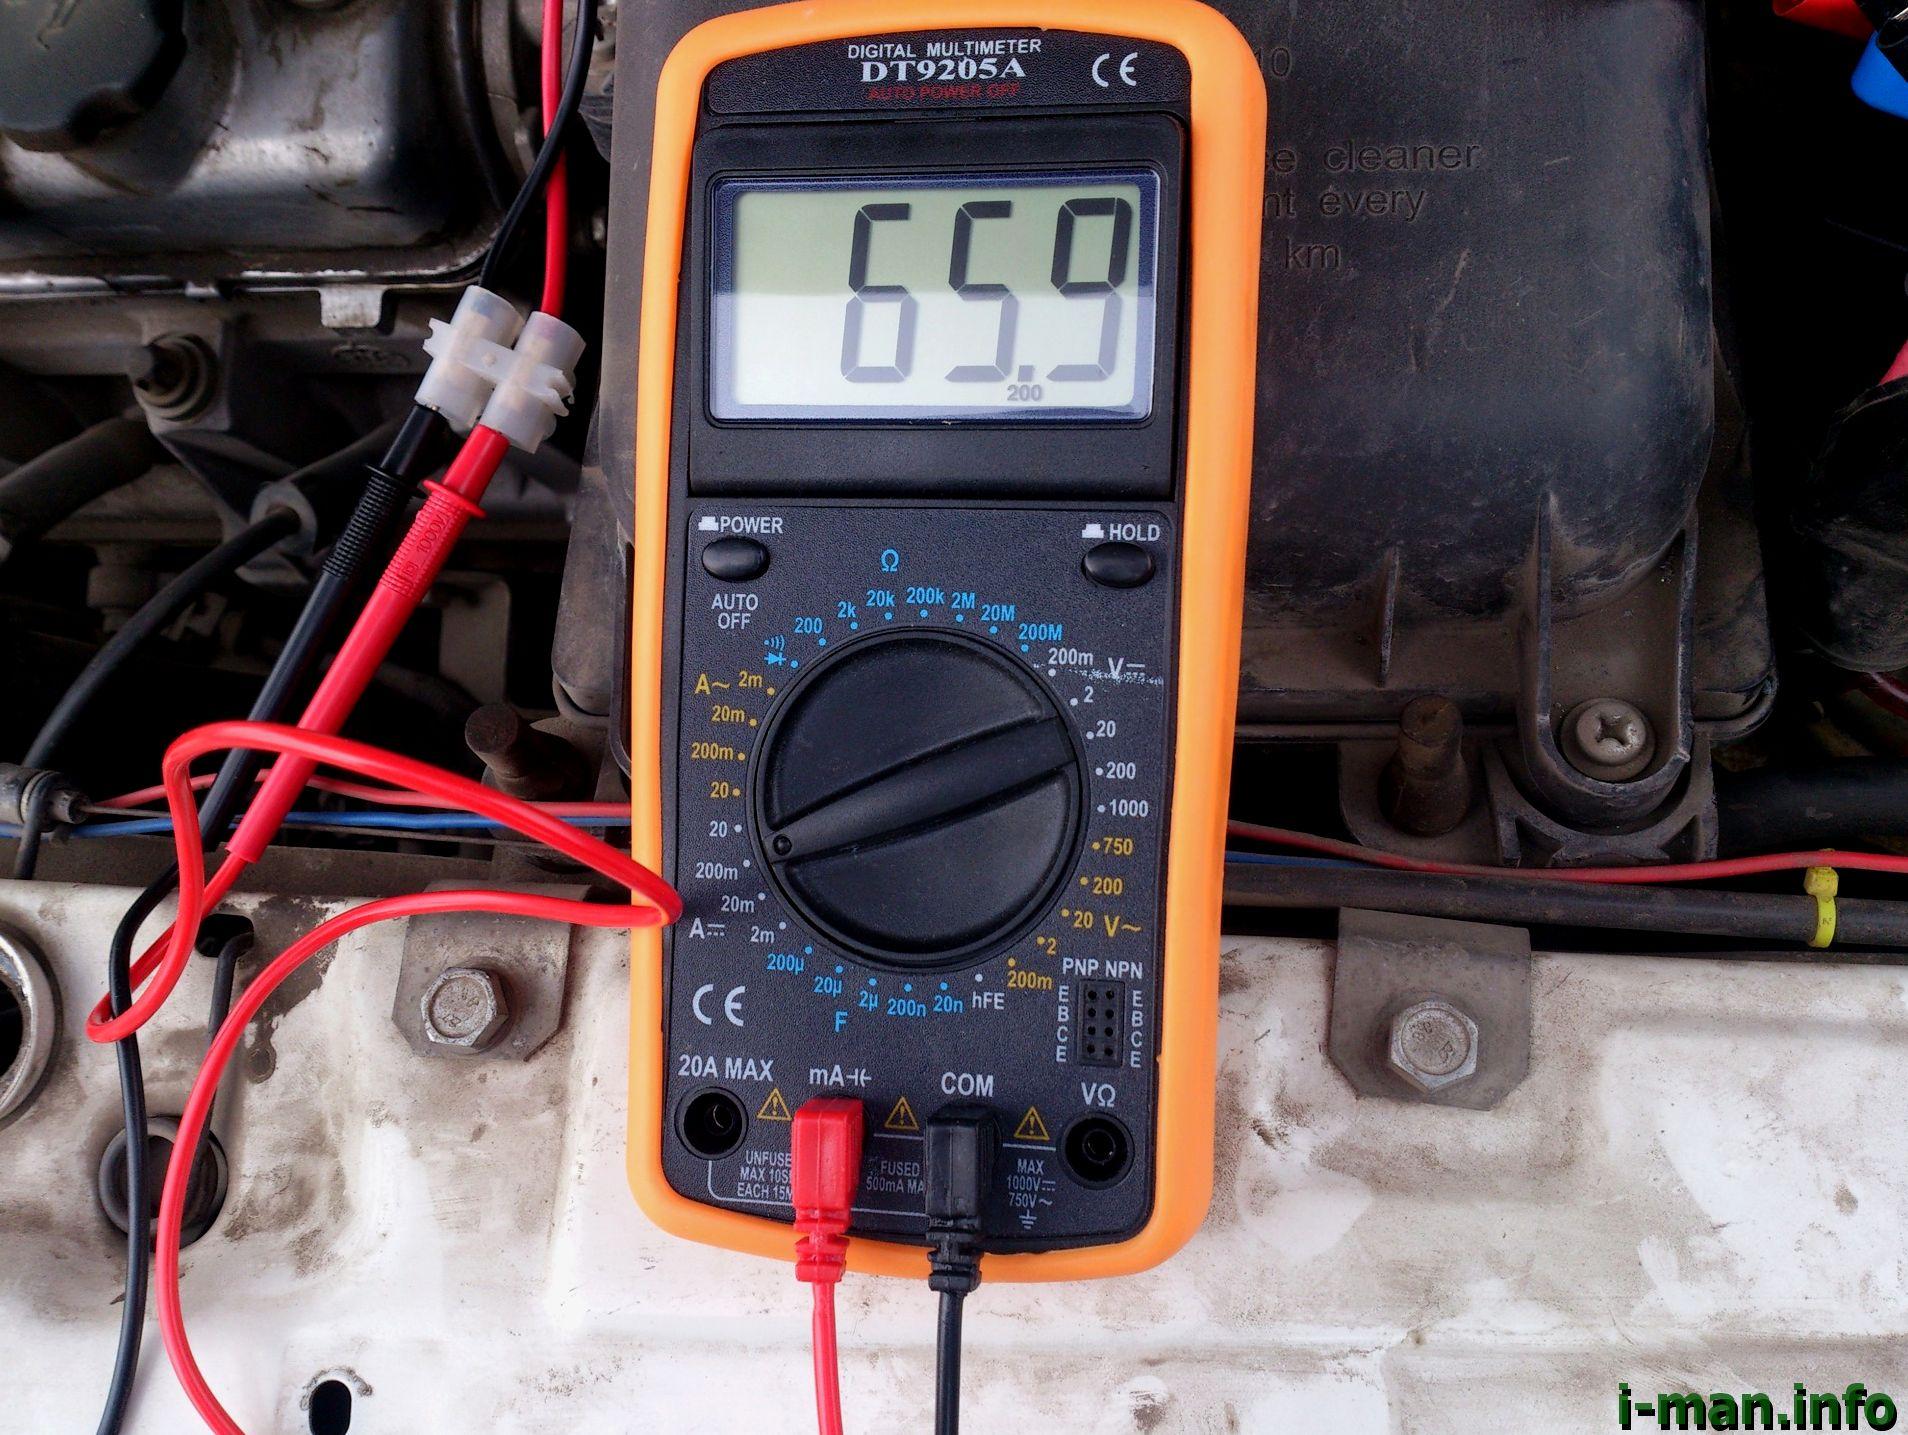 Как пользоваться мультиметром в машине